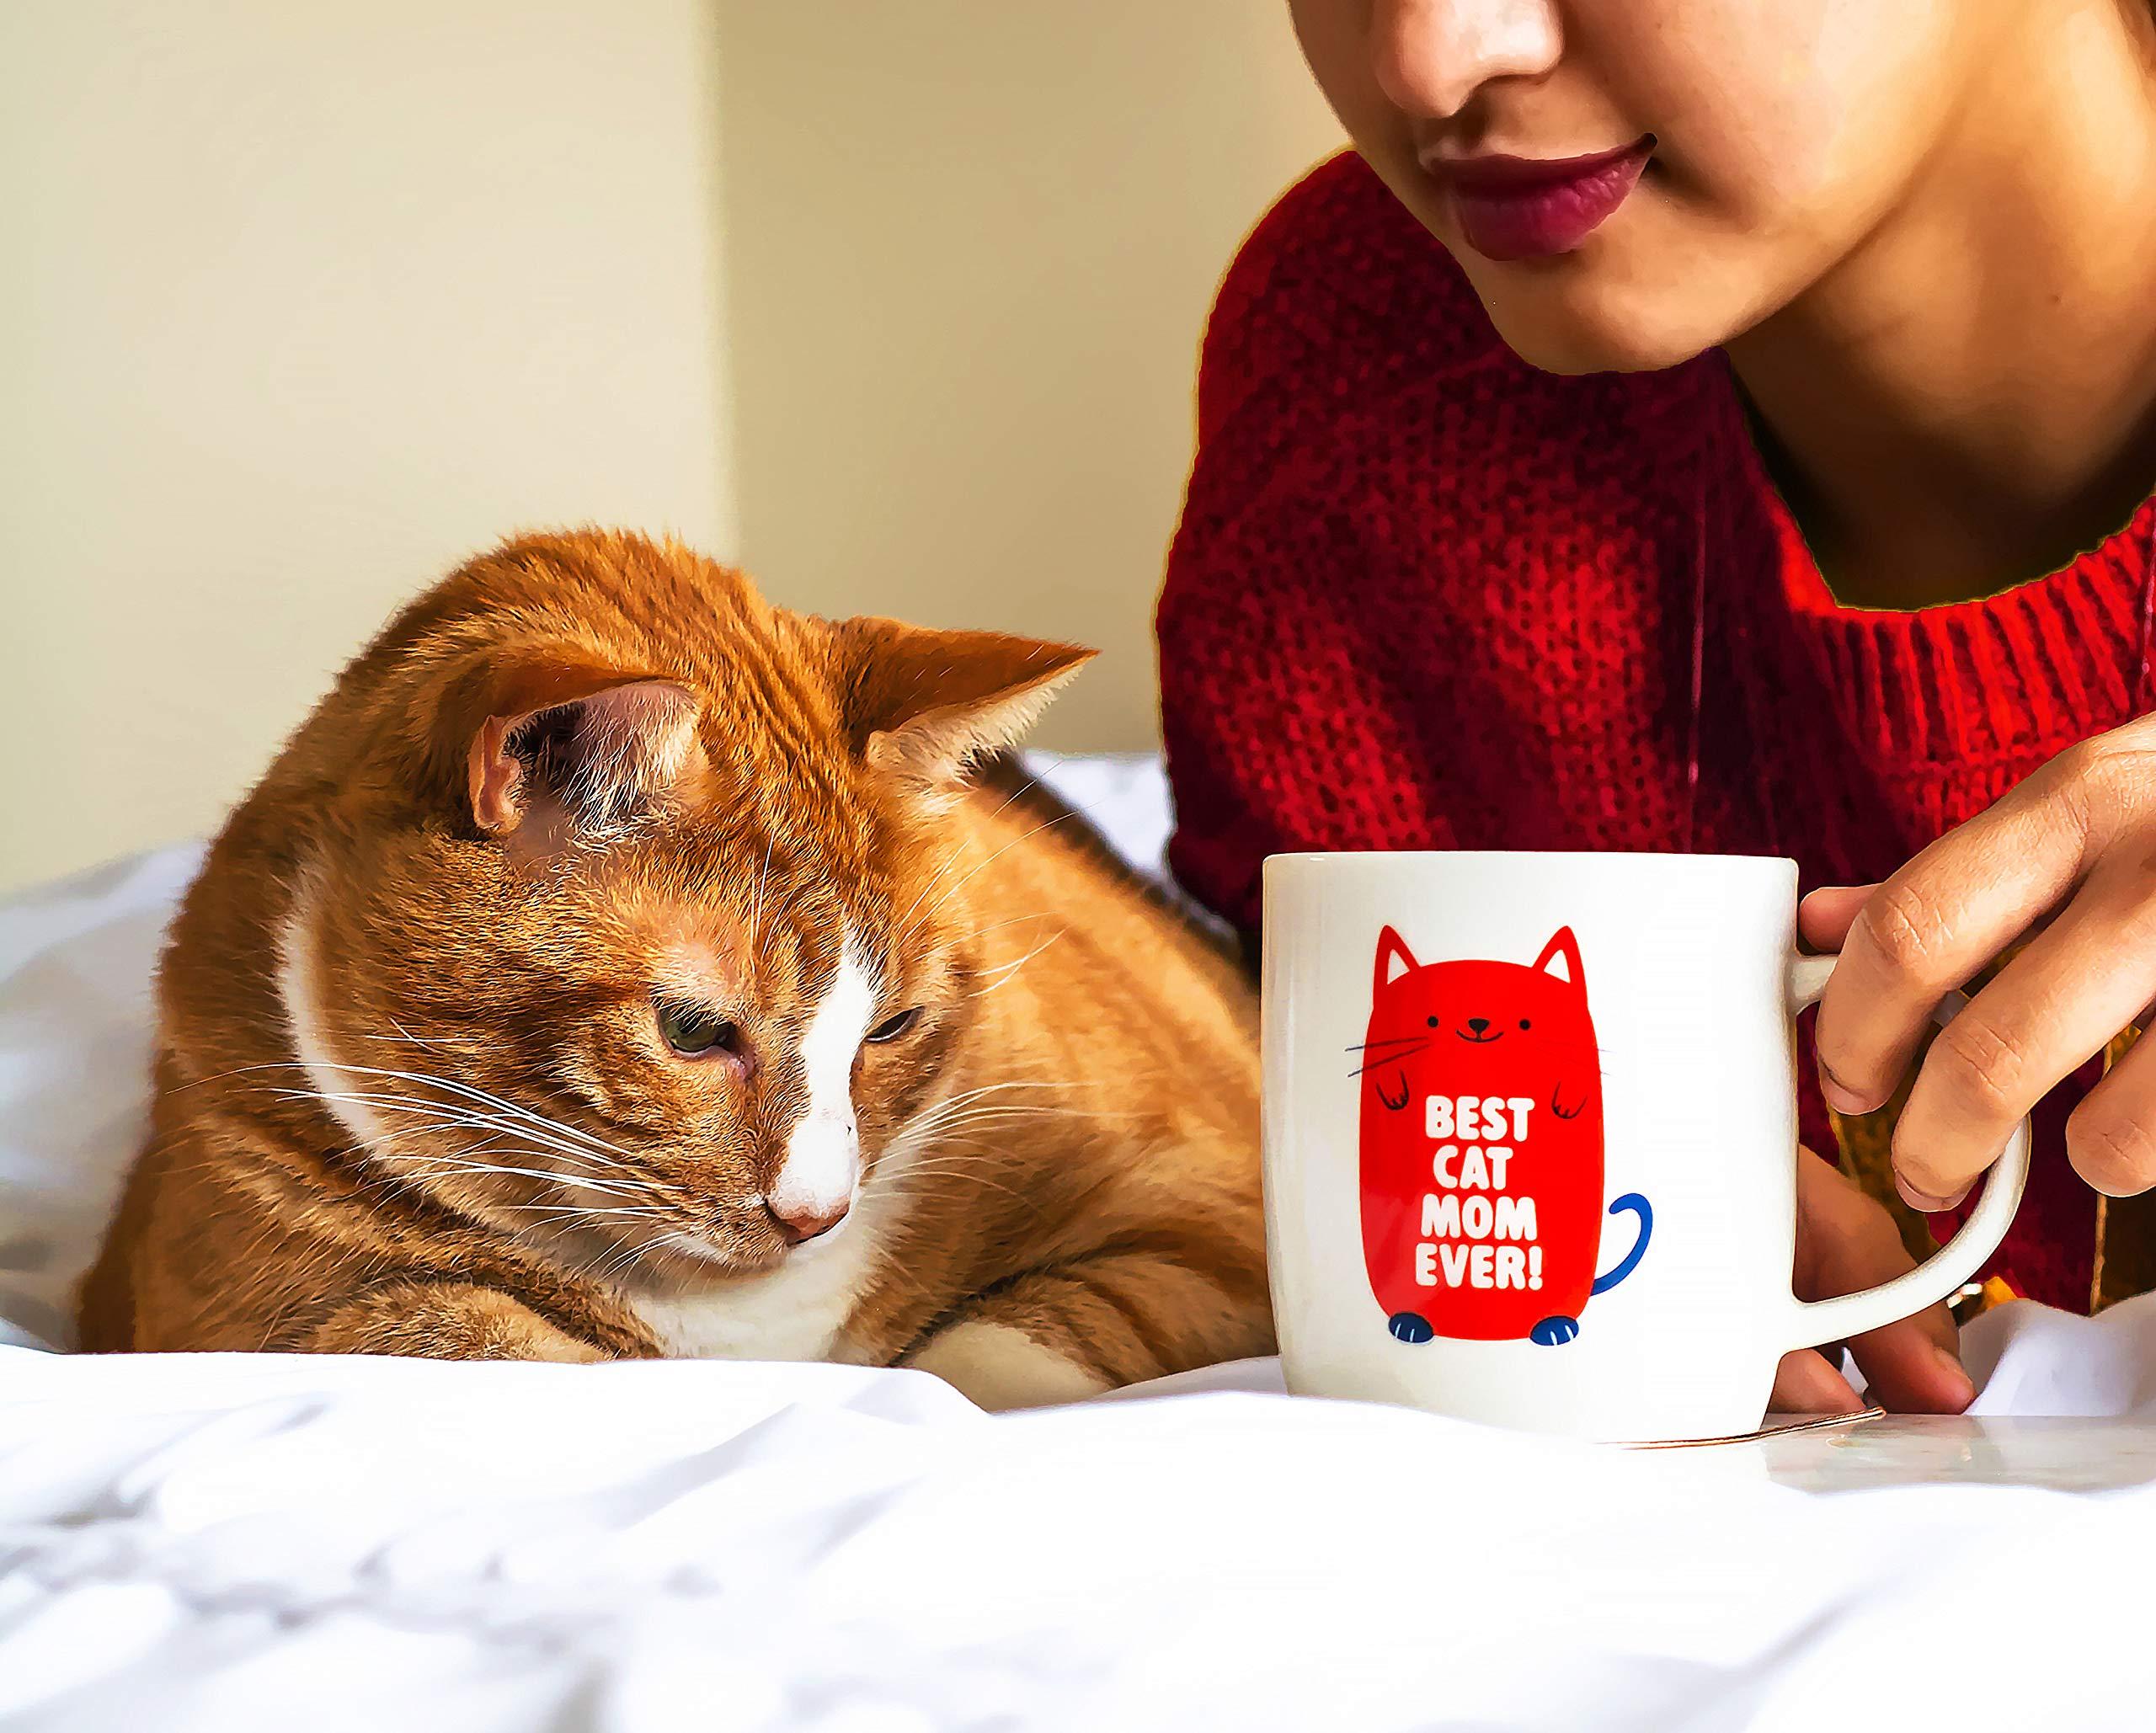 Gifffted Gato Mamá Taza, Cat Mom, Regalos Amante de Los Gatos, Dia ...